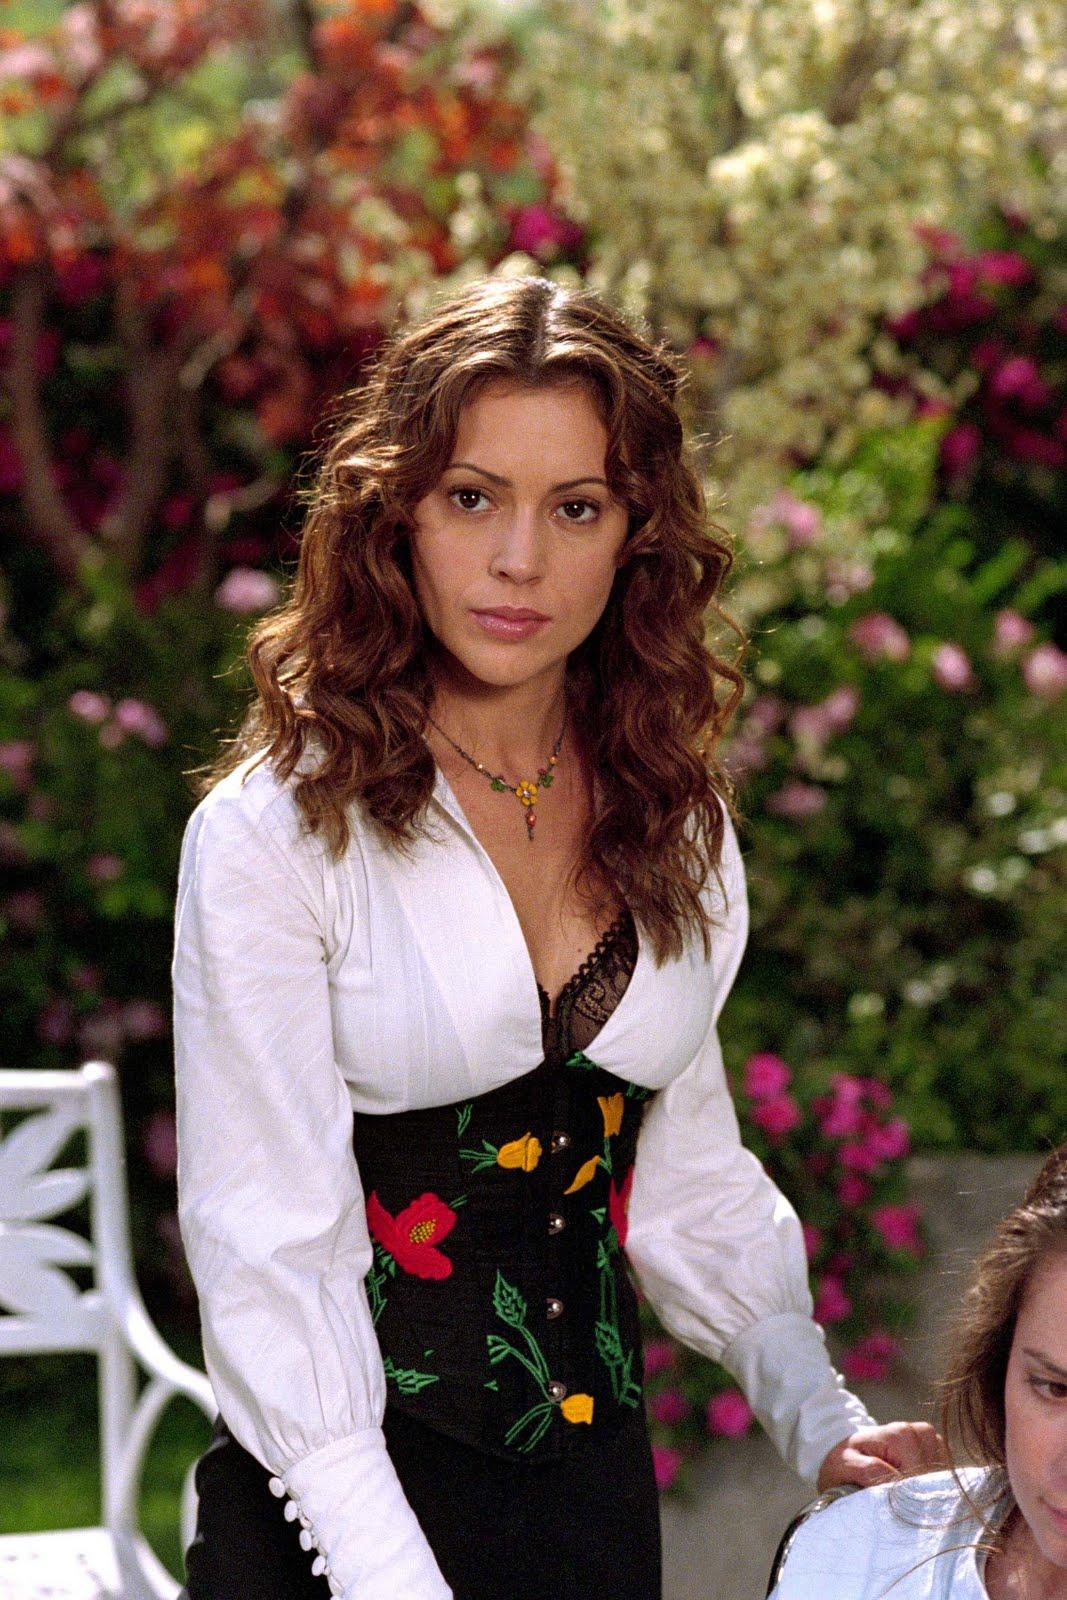 alyssa milano charmed sexy